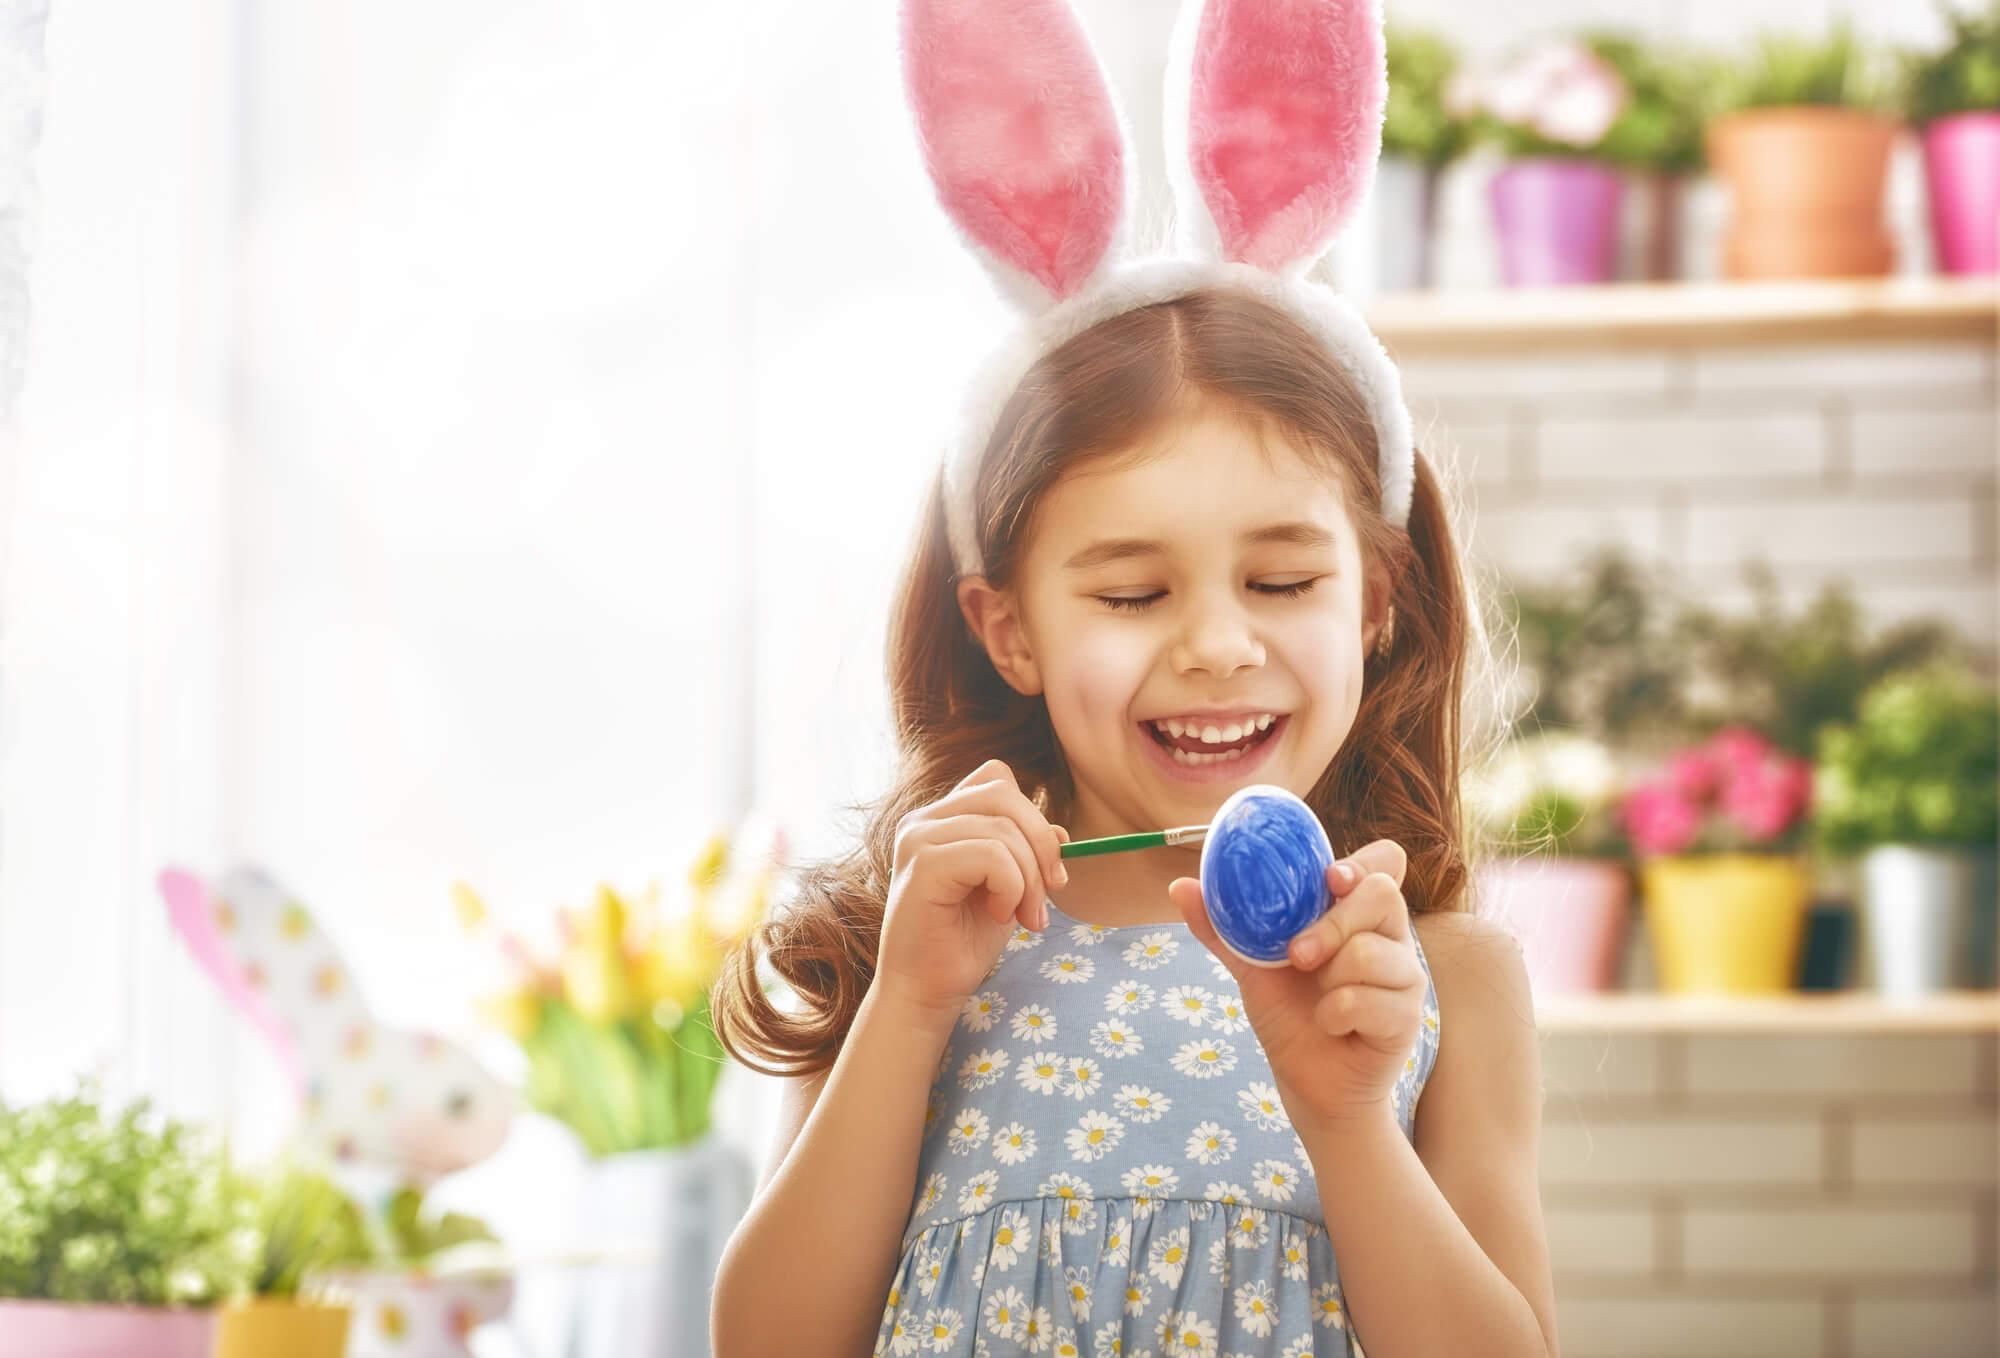 Drobne Prezenty Na Wielkanoc Dla Dzieci 10 Pomyslow Smyk Com